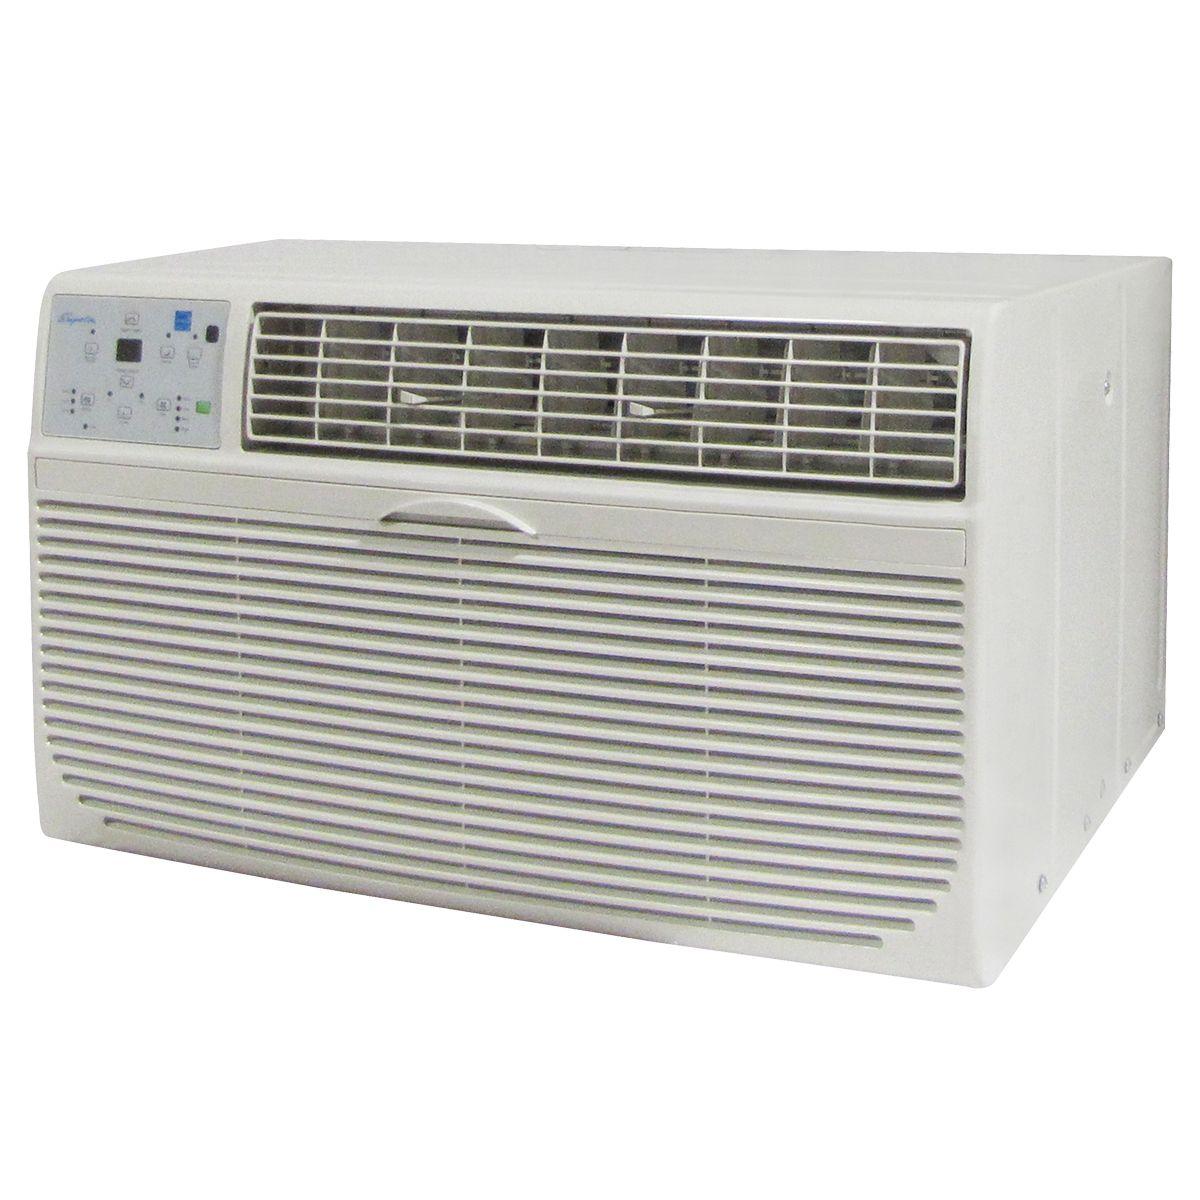 Comfort Aire® BG-123 12,000 BTU Thru the Wall Room Air